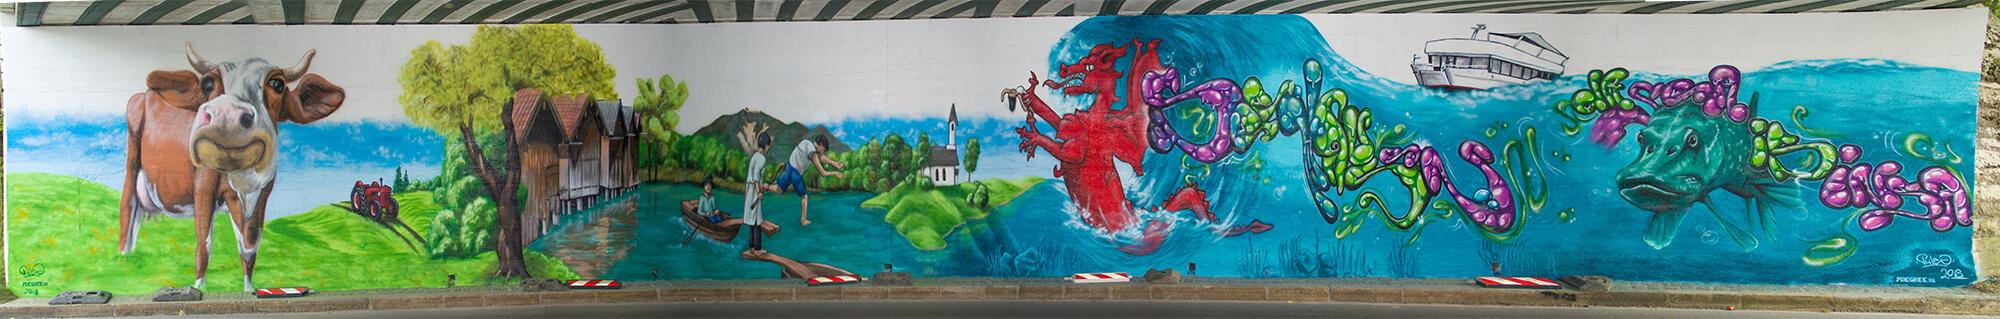 Unterführung Seehausen Graffiti